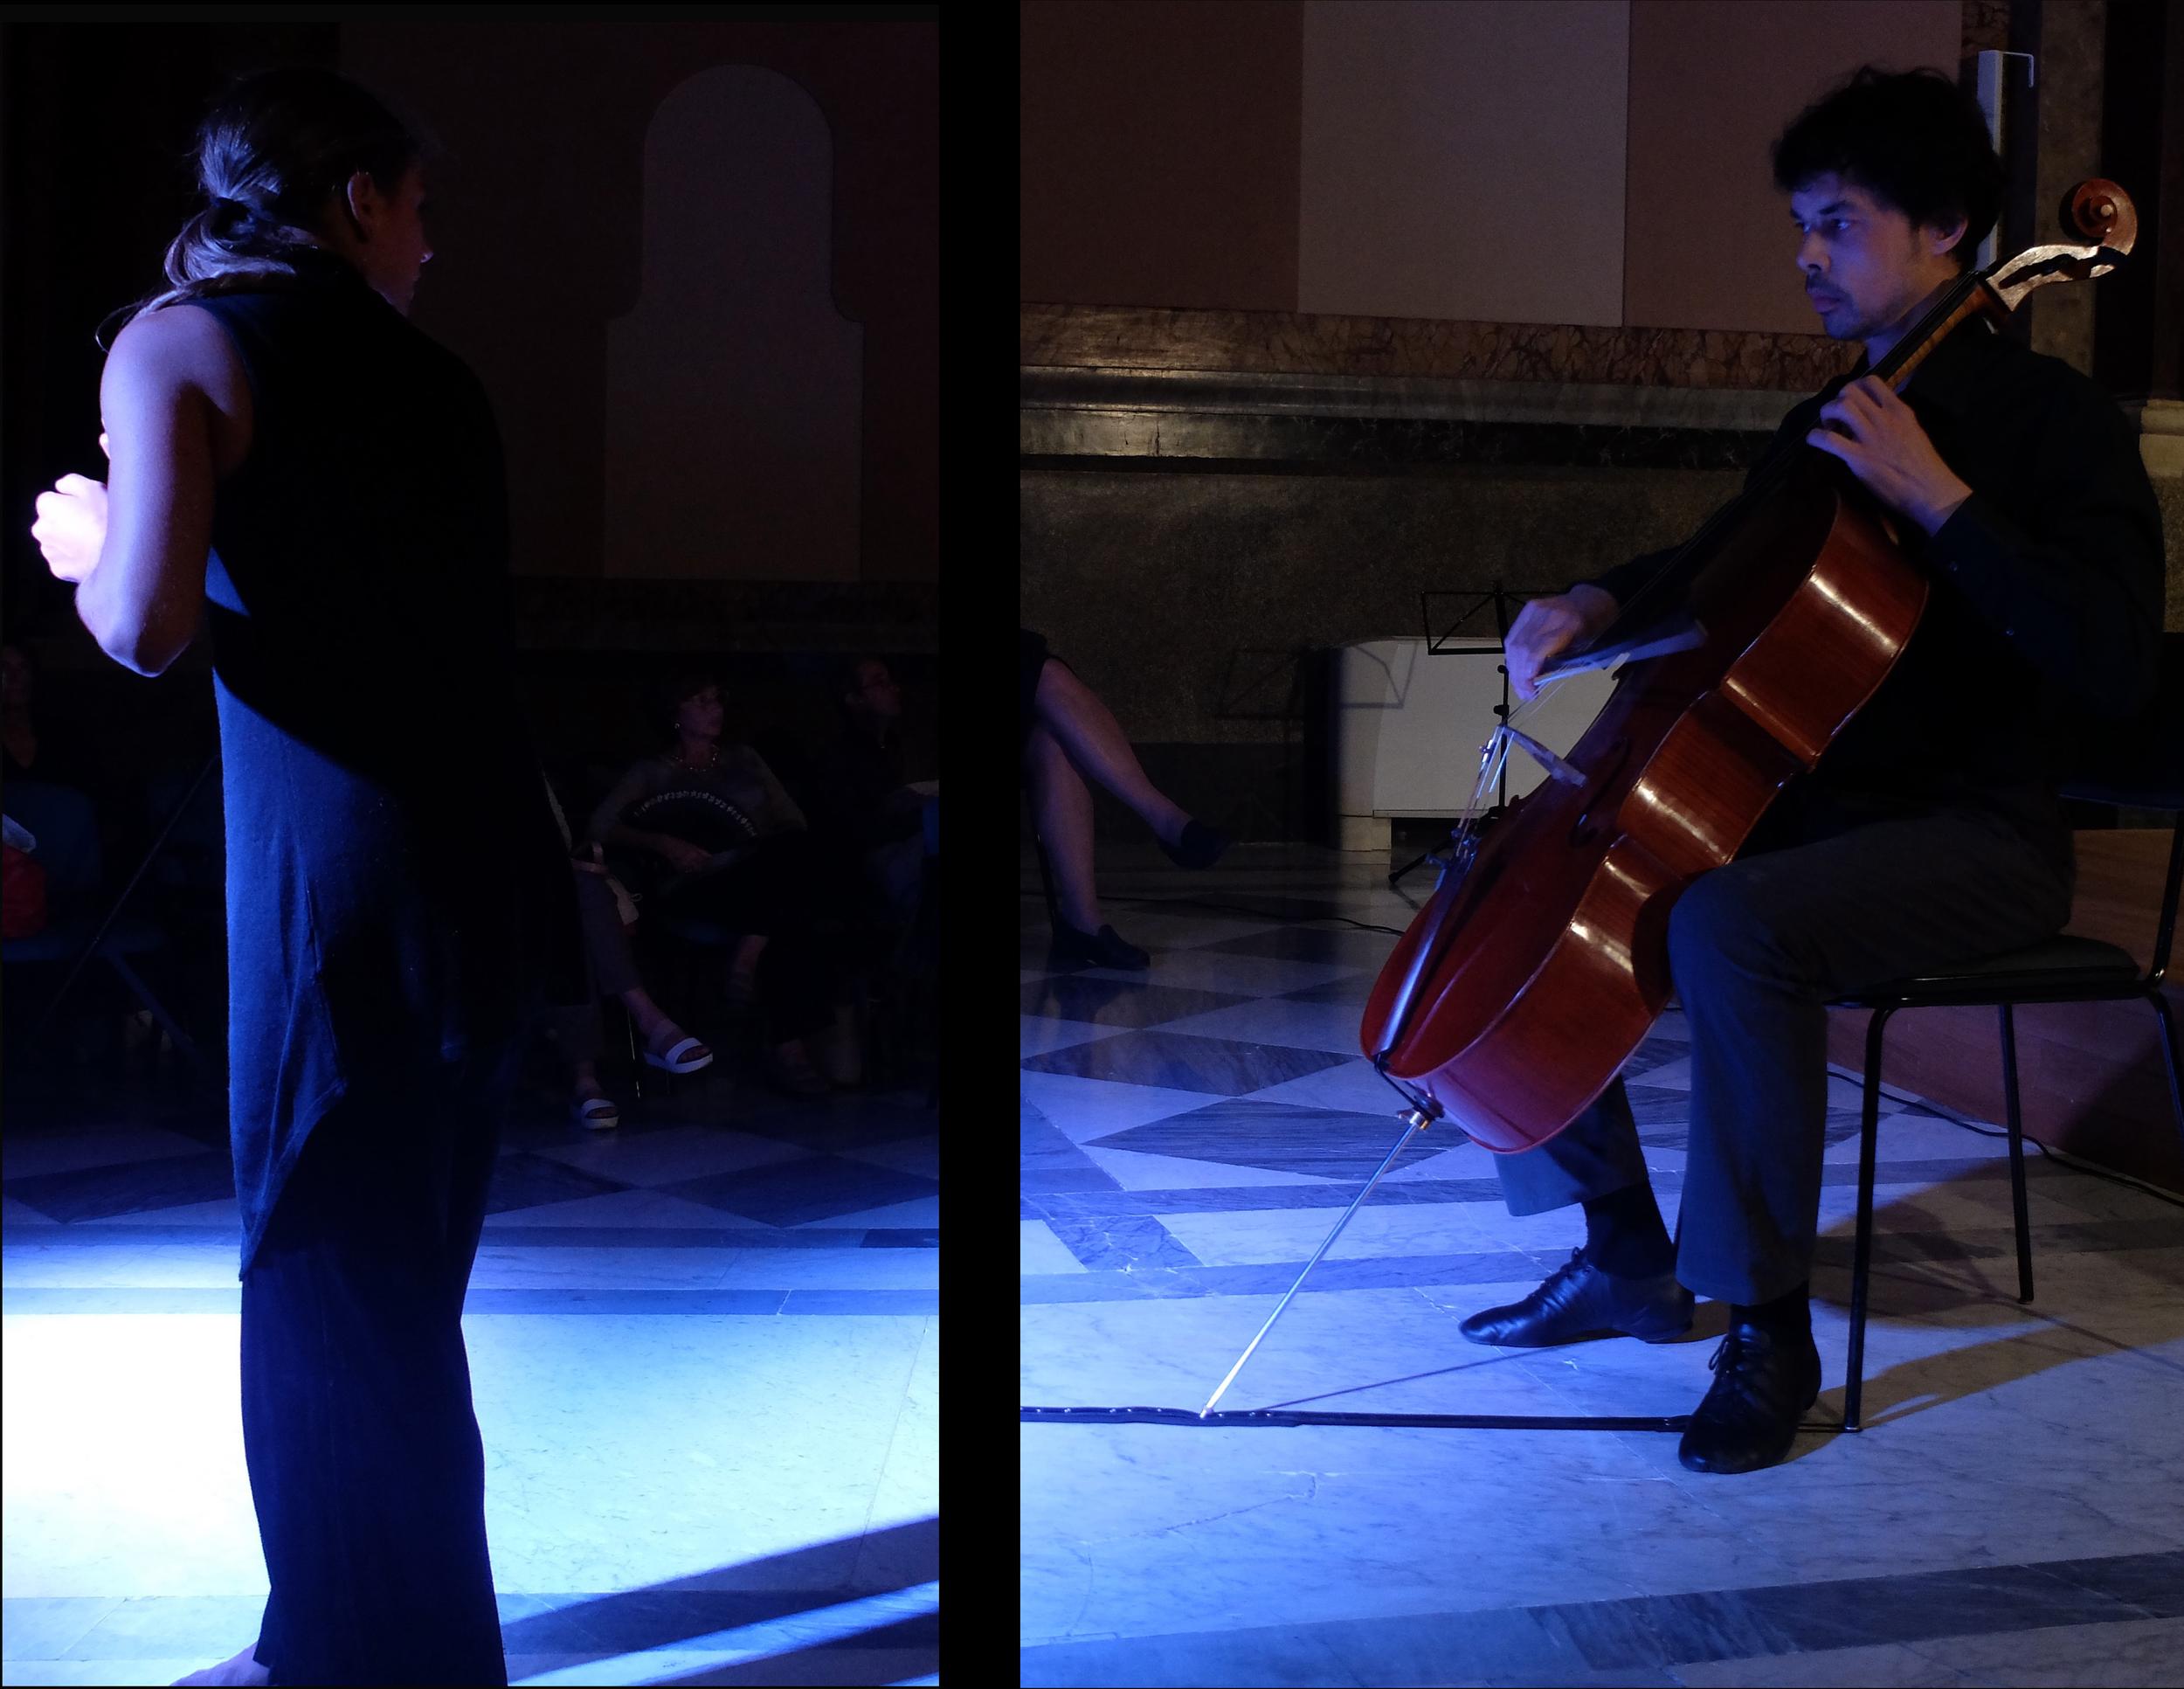 Auditorio Diocesano A. Salvucci in Molfetta.   Photograph by Lorena Carbonara.